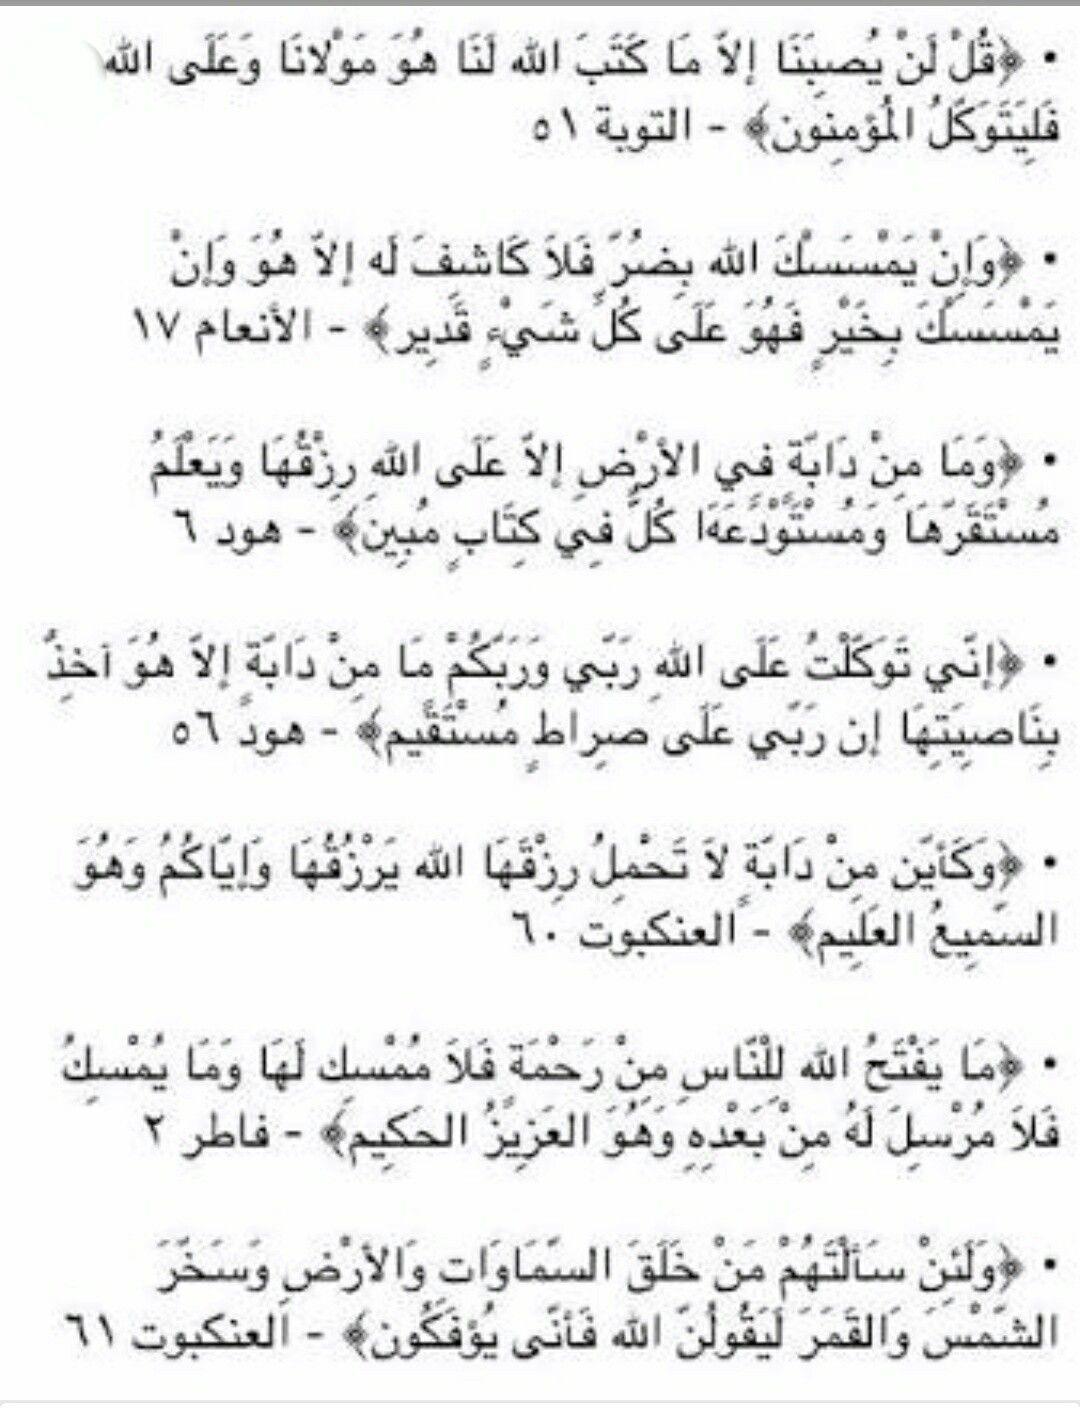 السبع ايات المنجيات Islamic Messages Quran Math